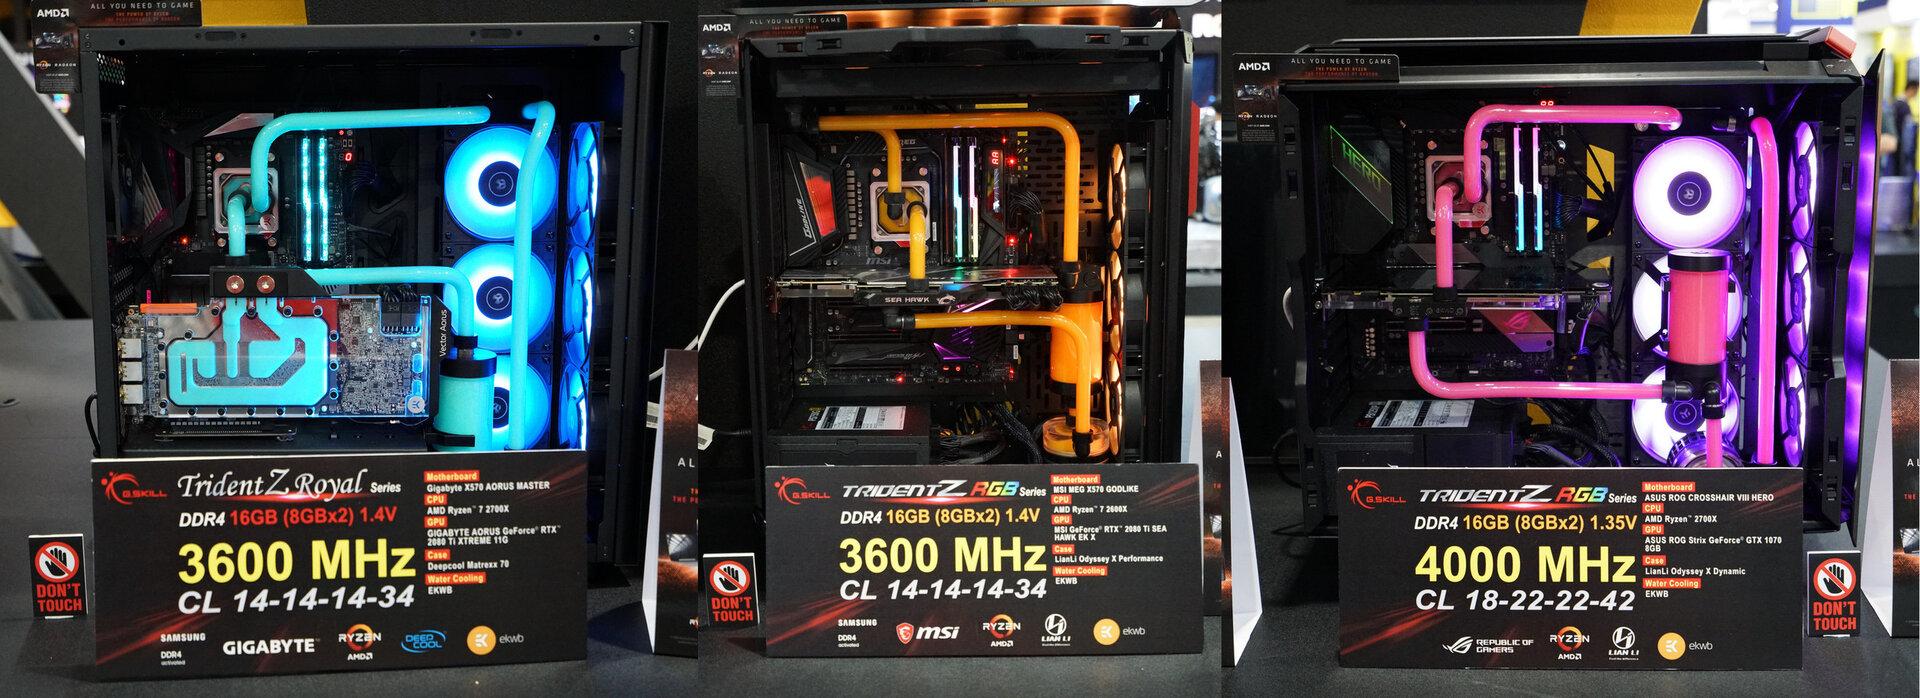 G.Skill Trident Z RGB für AMD-Ryzen mit DDR4-4000